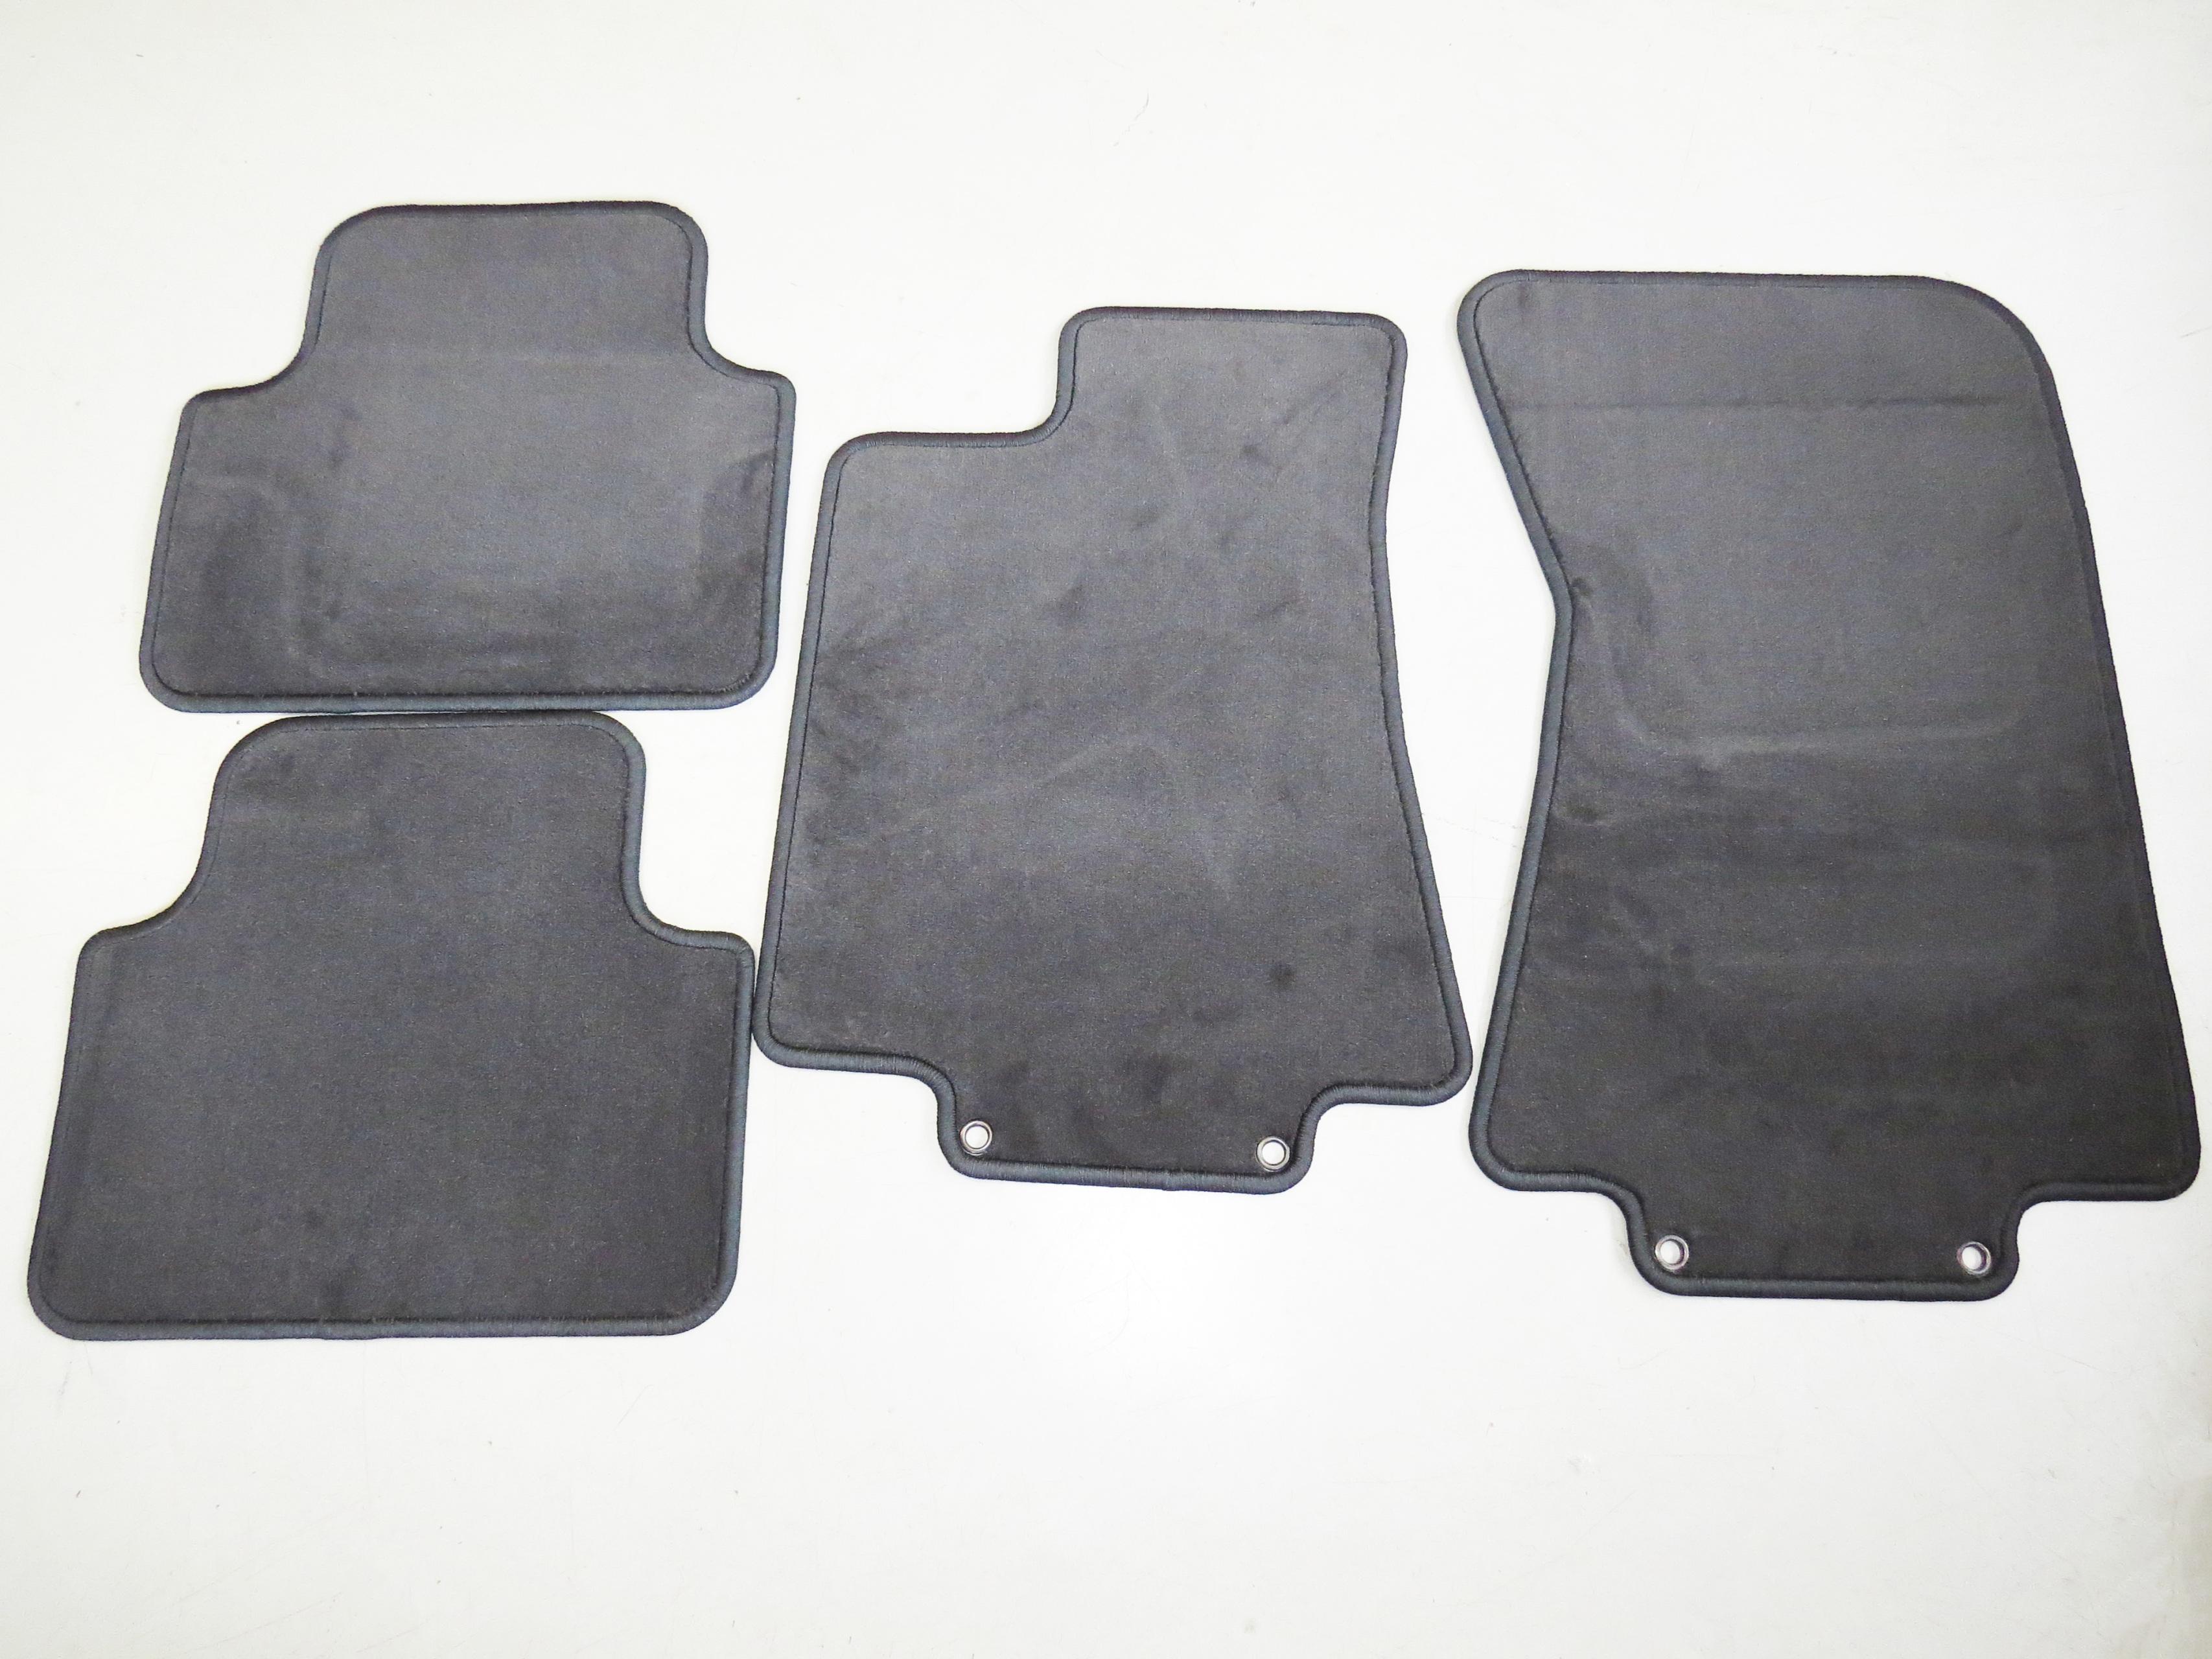 automotive set jaguar fms amazon dp weather floor mats black all johns com rubber